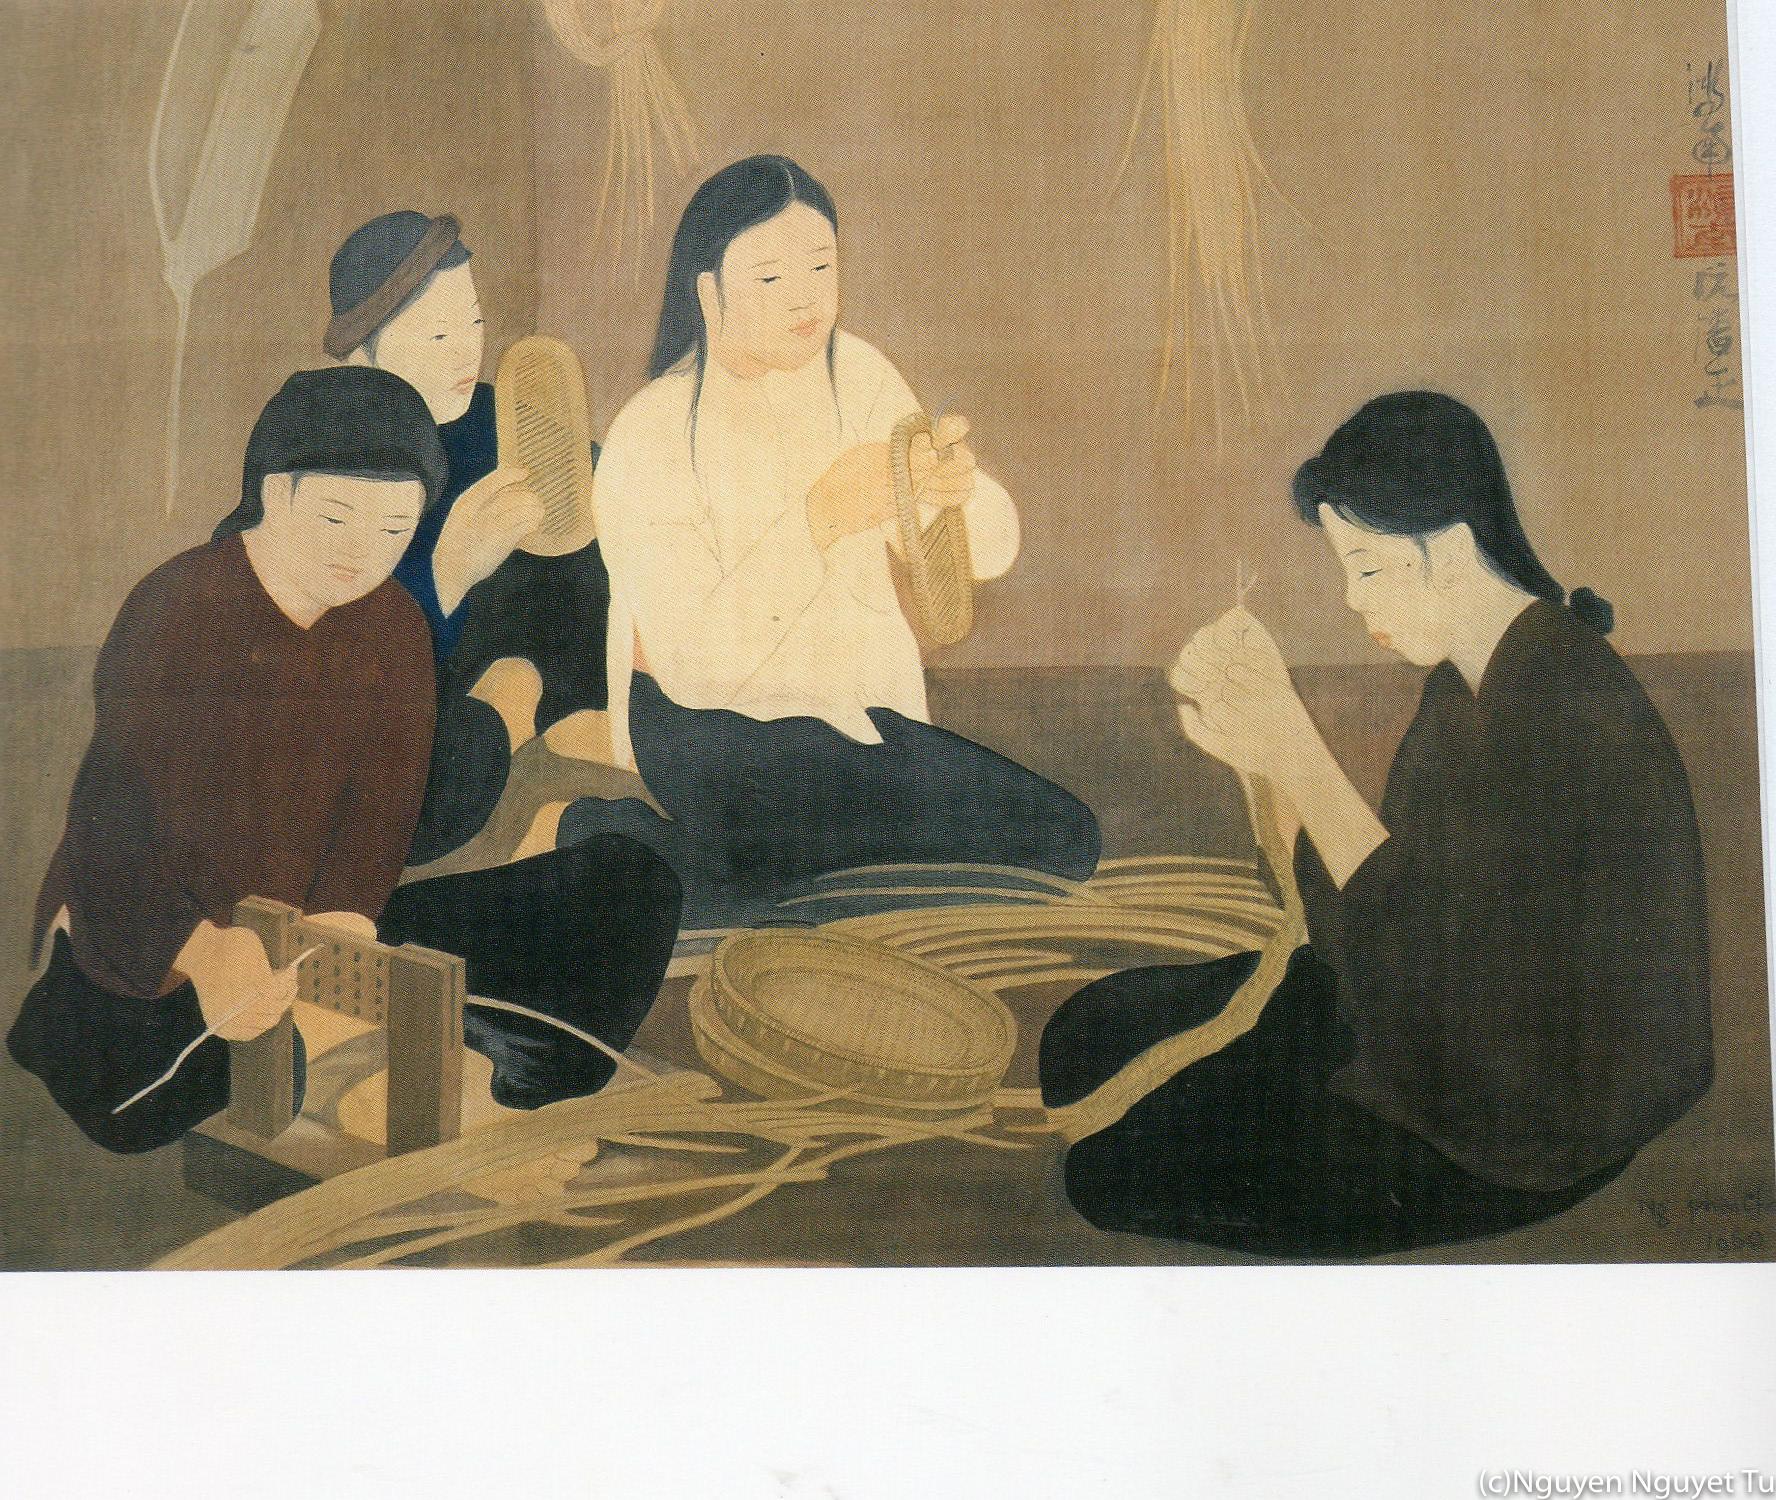 《竹を編む》(1960年、福岡アジア美術館蔵)